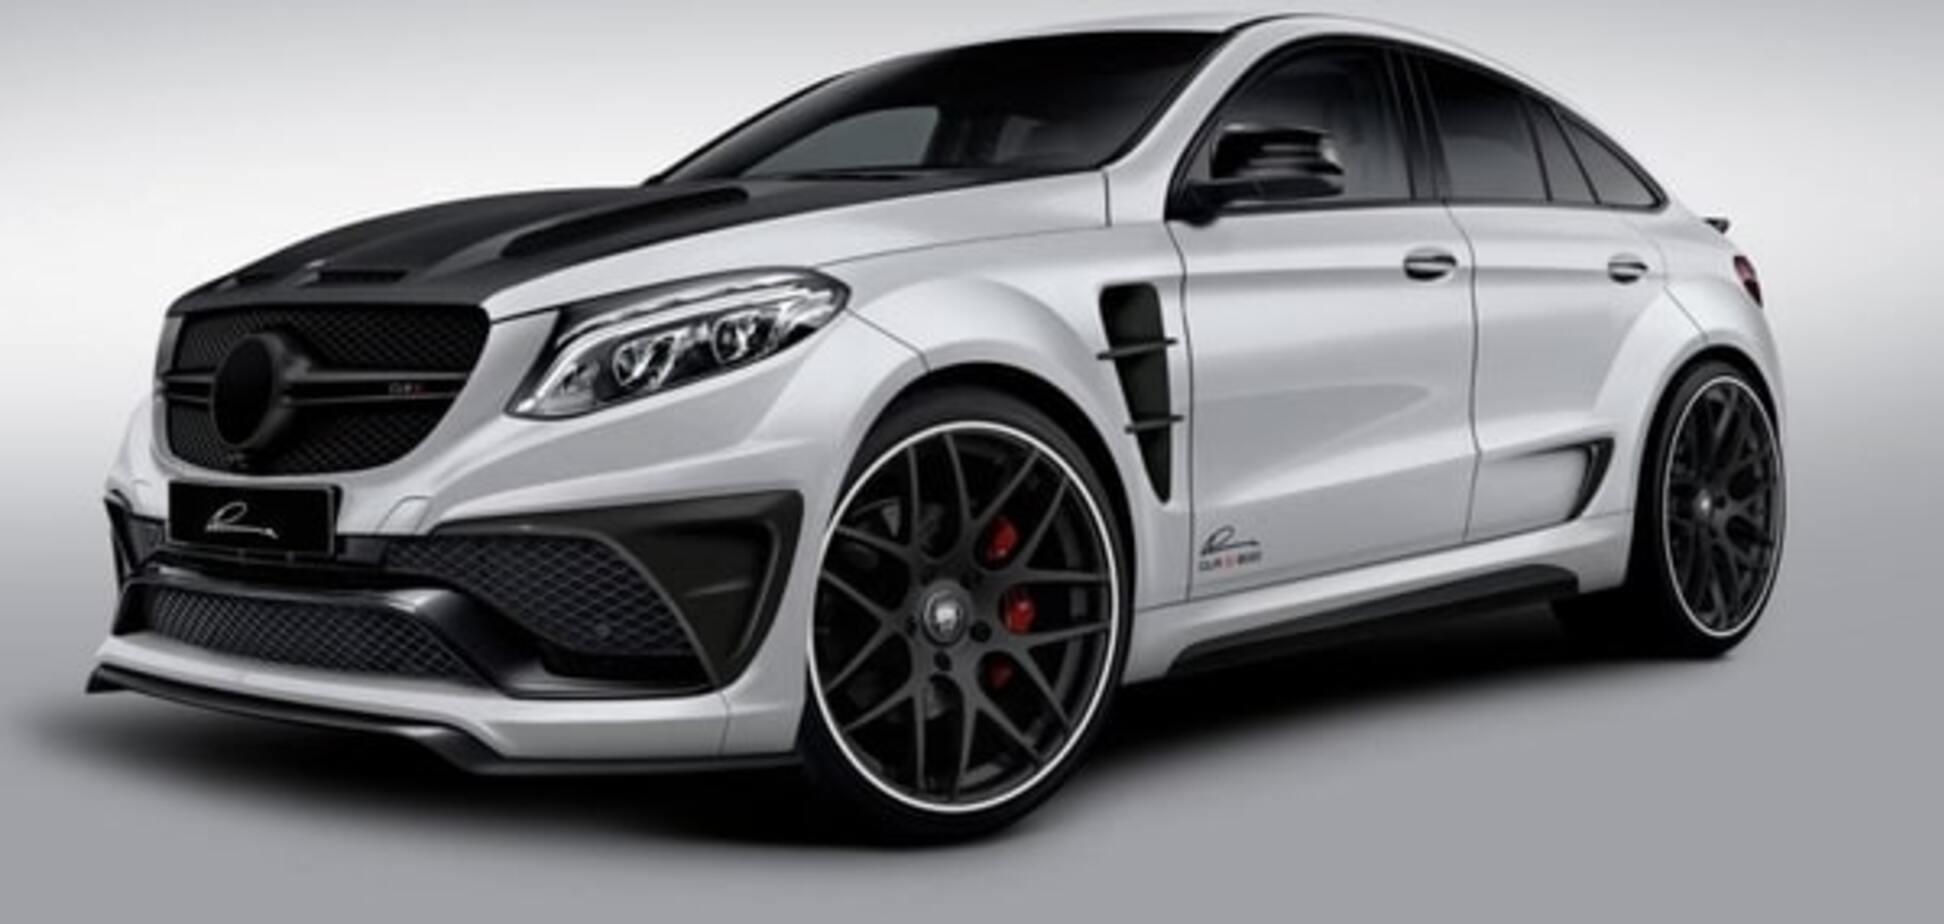 Злее некуда: немцы представили тюнинг-версию Mercedes-Benz GLE Coupe